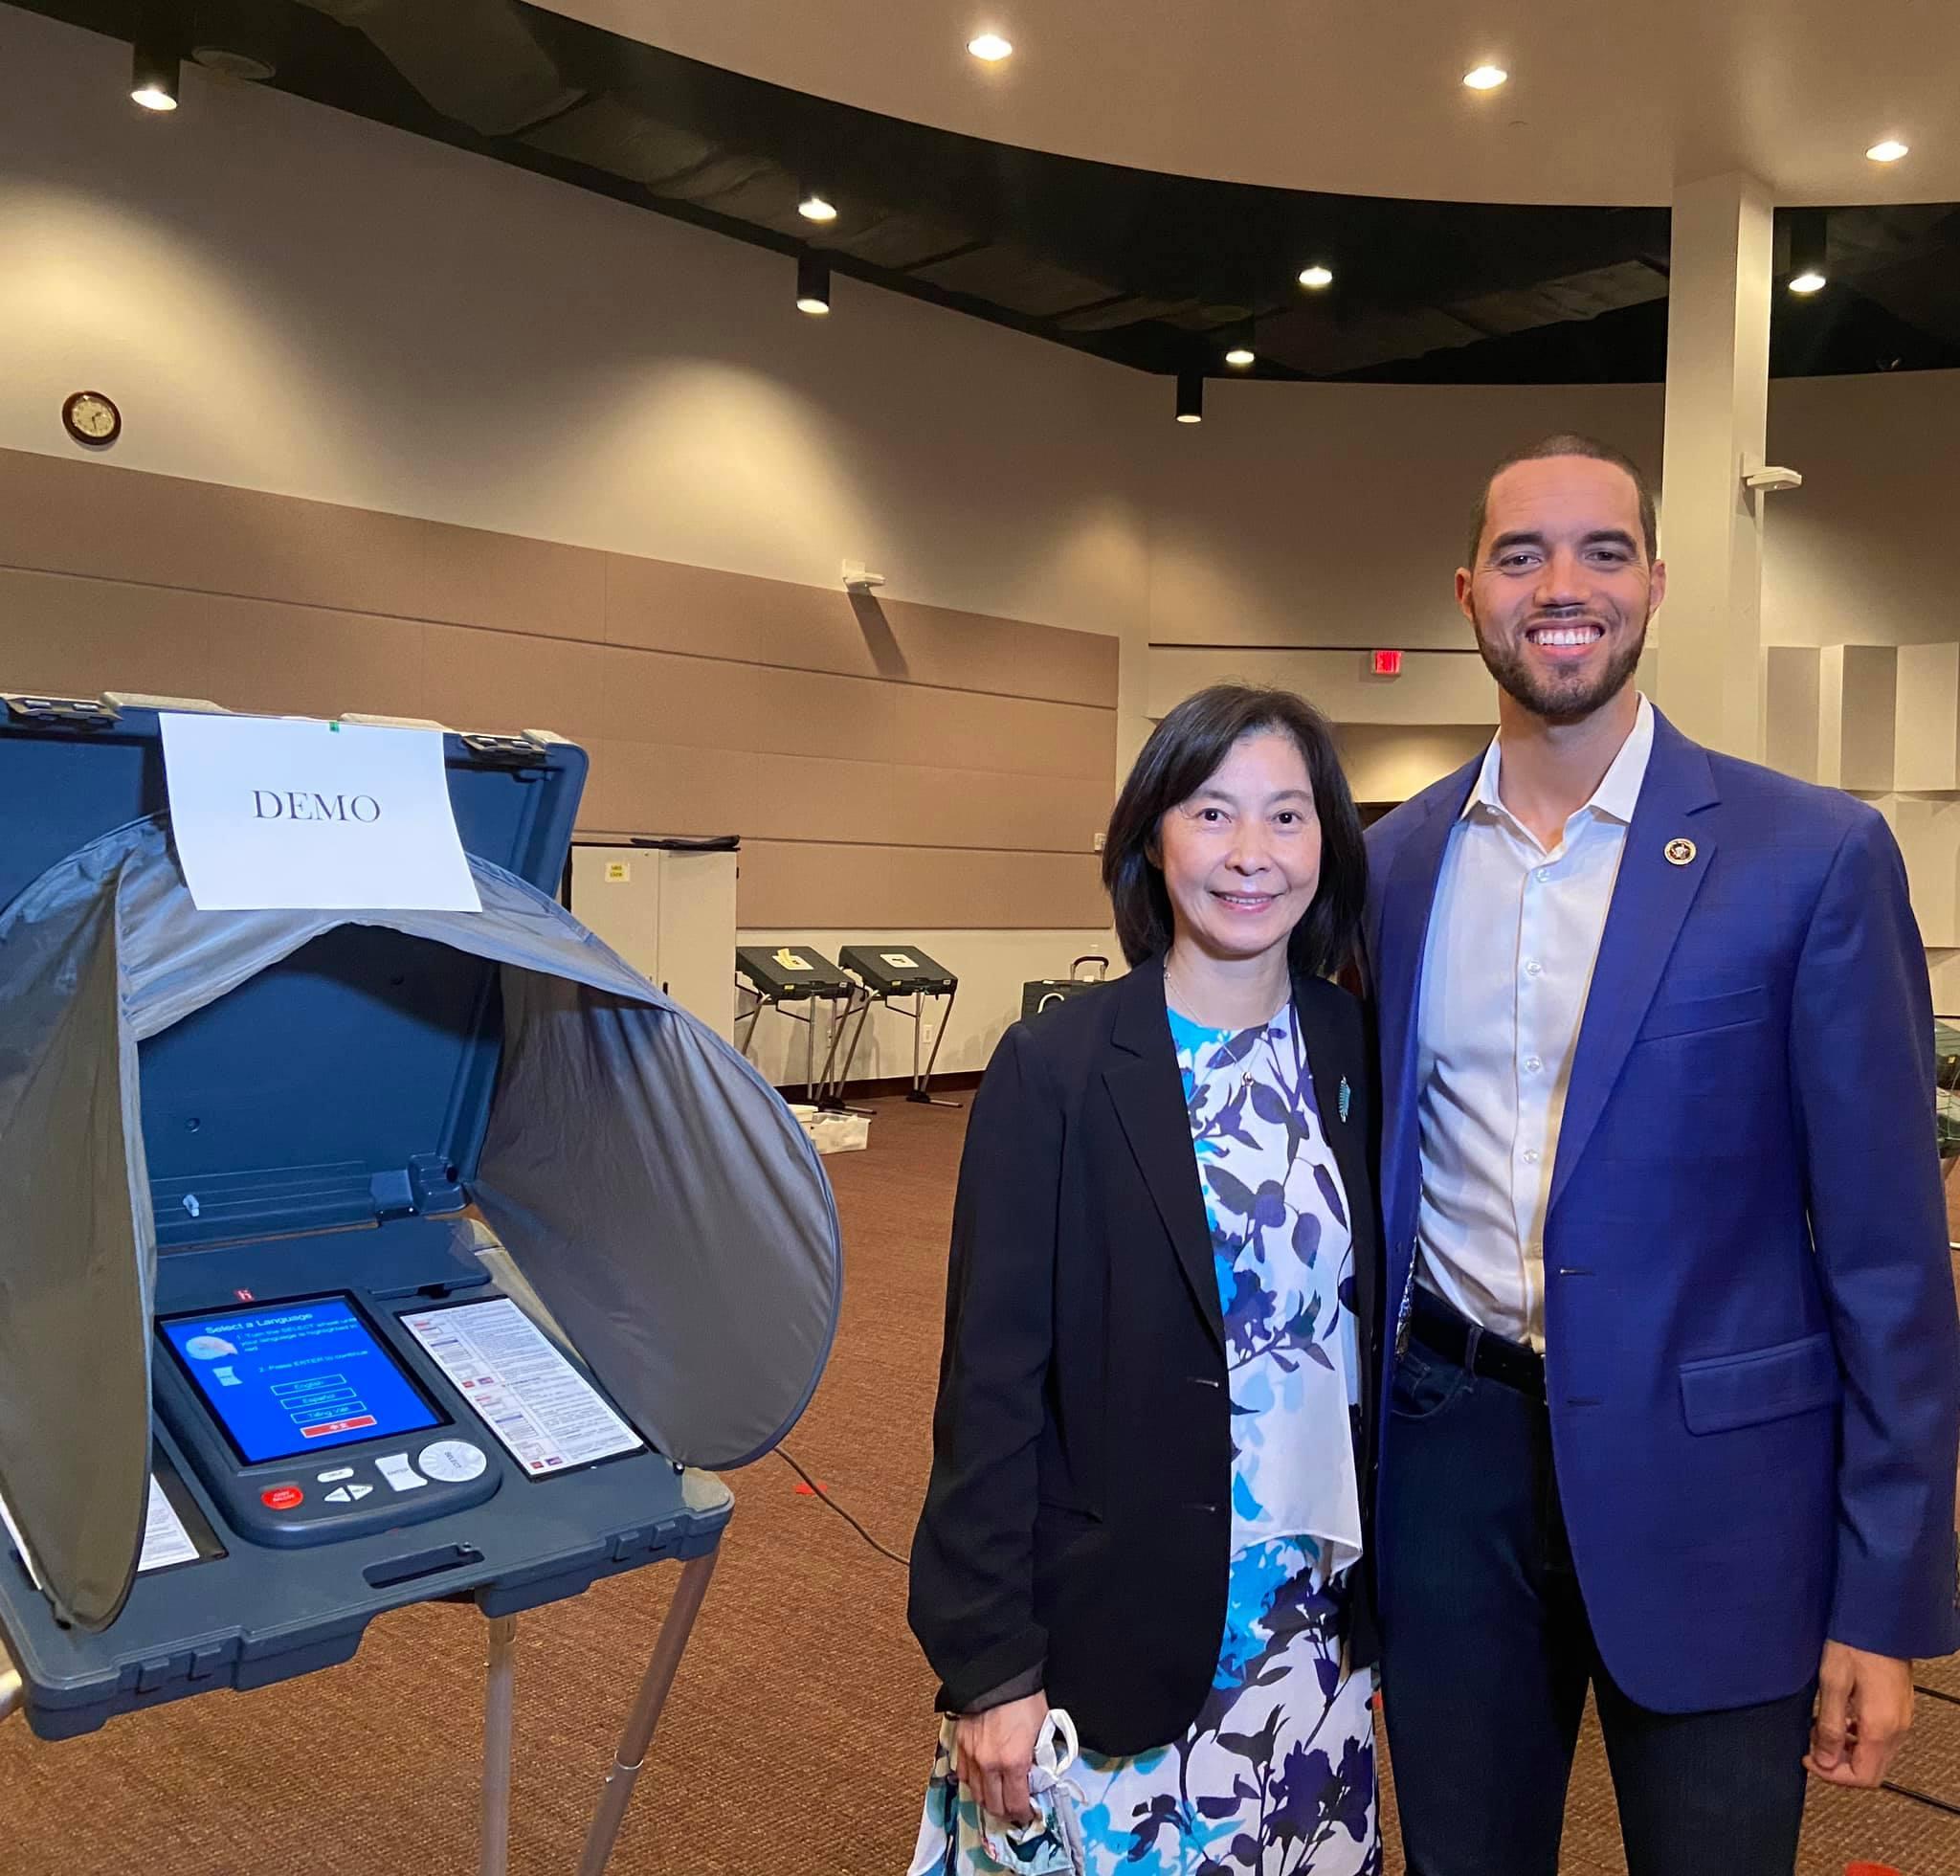 Harris縣行政書記官Chris Hollins (右)與芮久玖(左)介紹投票所為應對疫情,提供選民及選務人員新的安全措施及服務項目。(芮久玟提供)